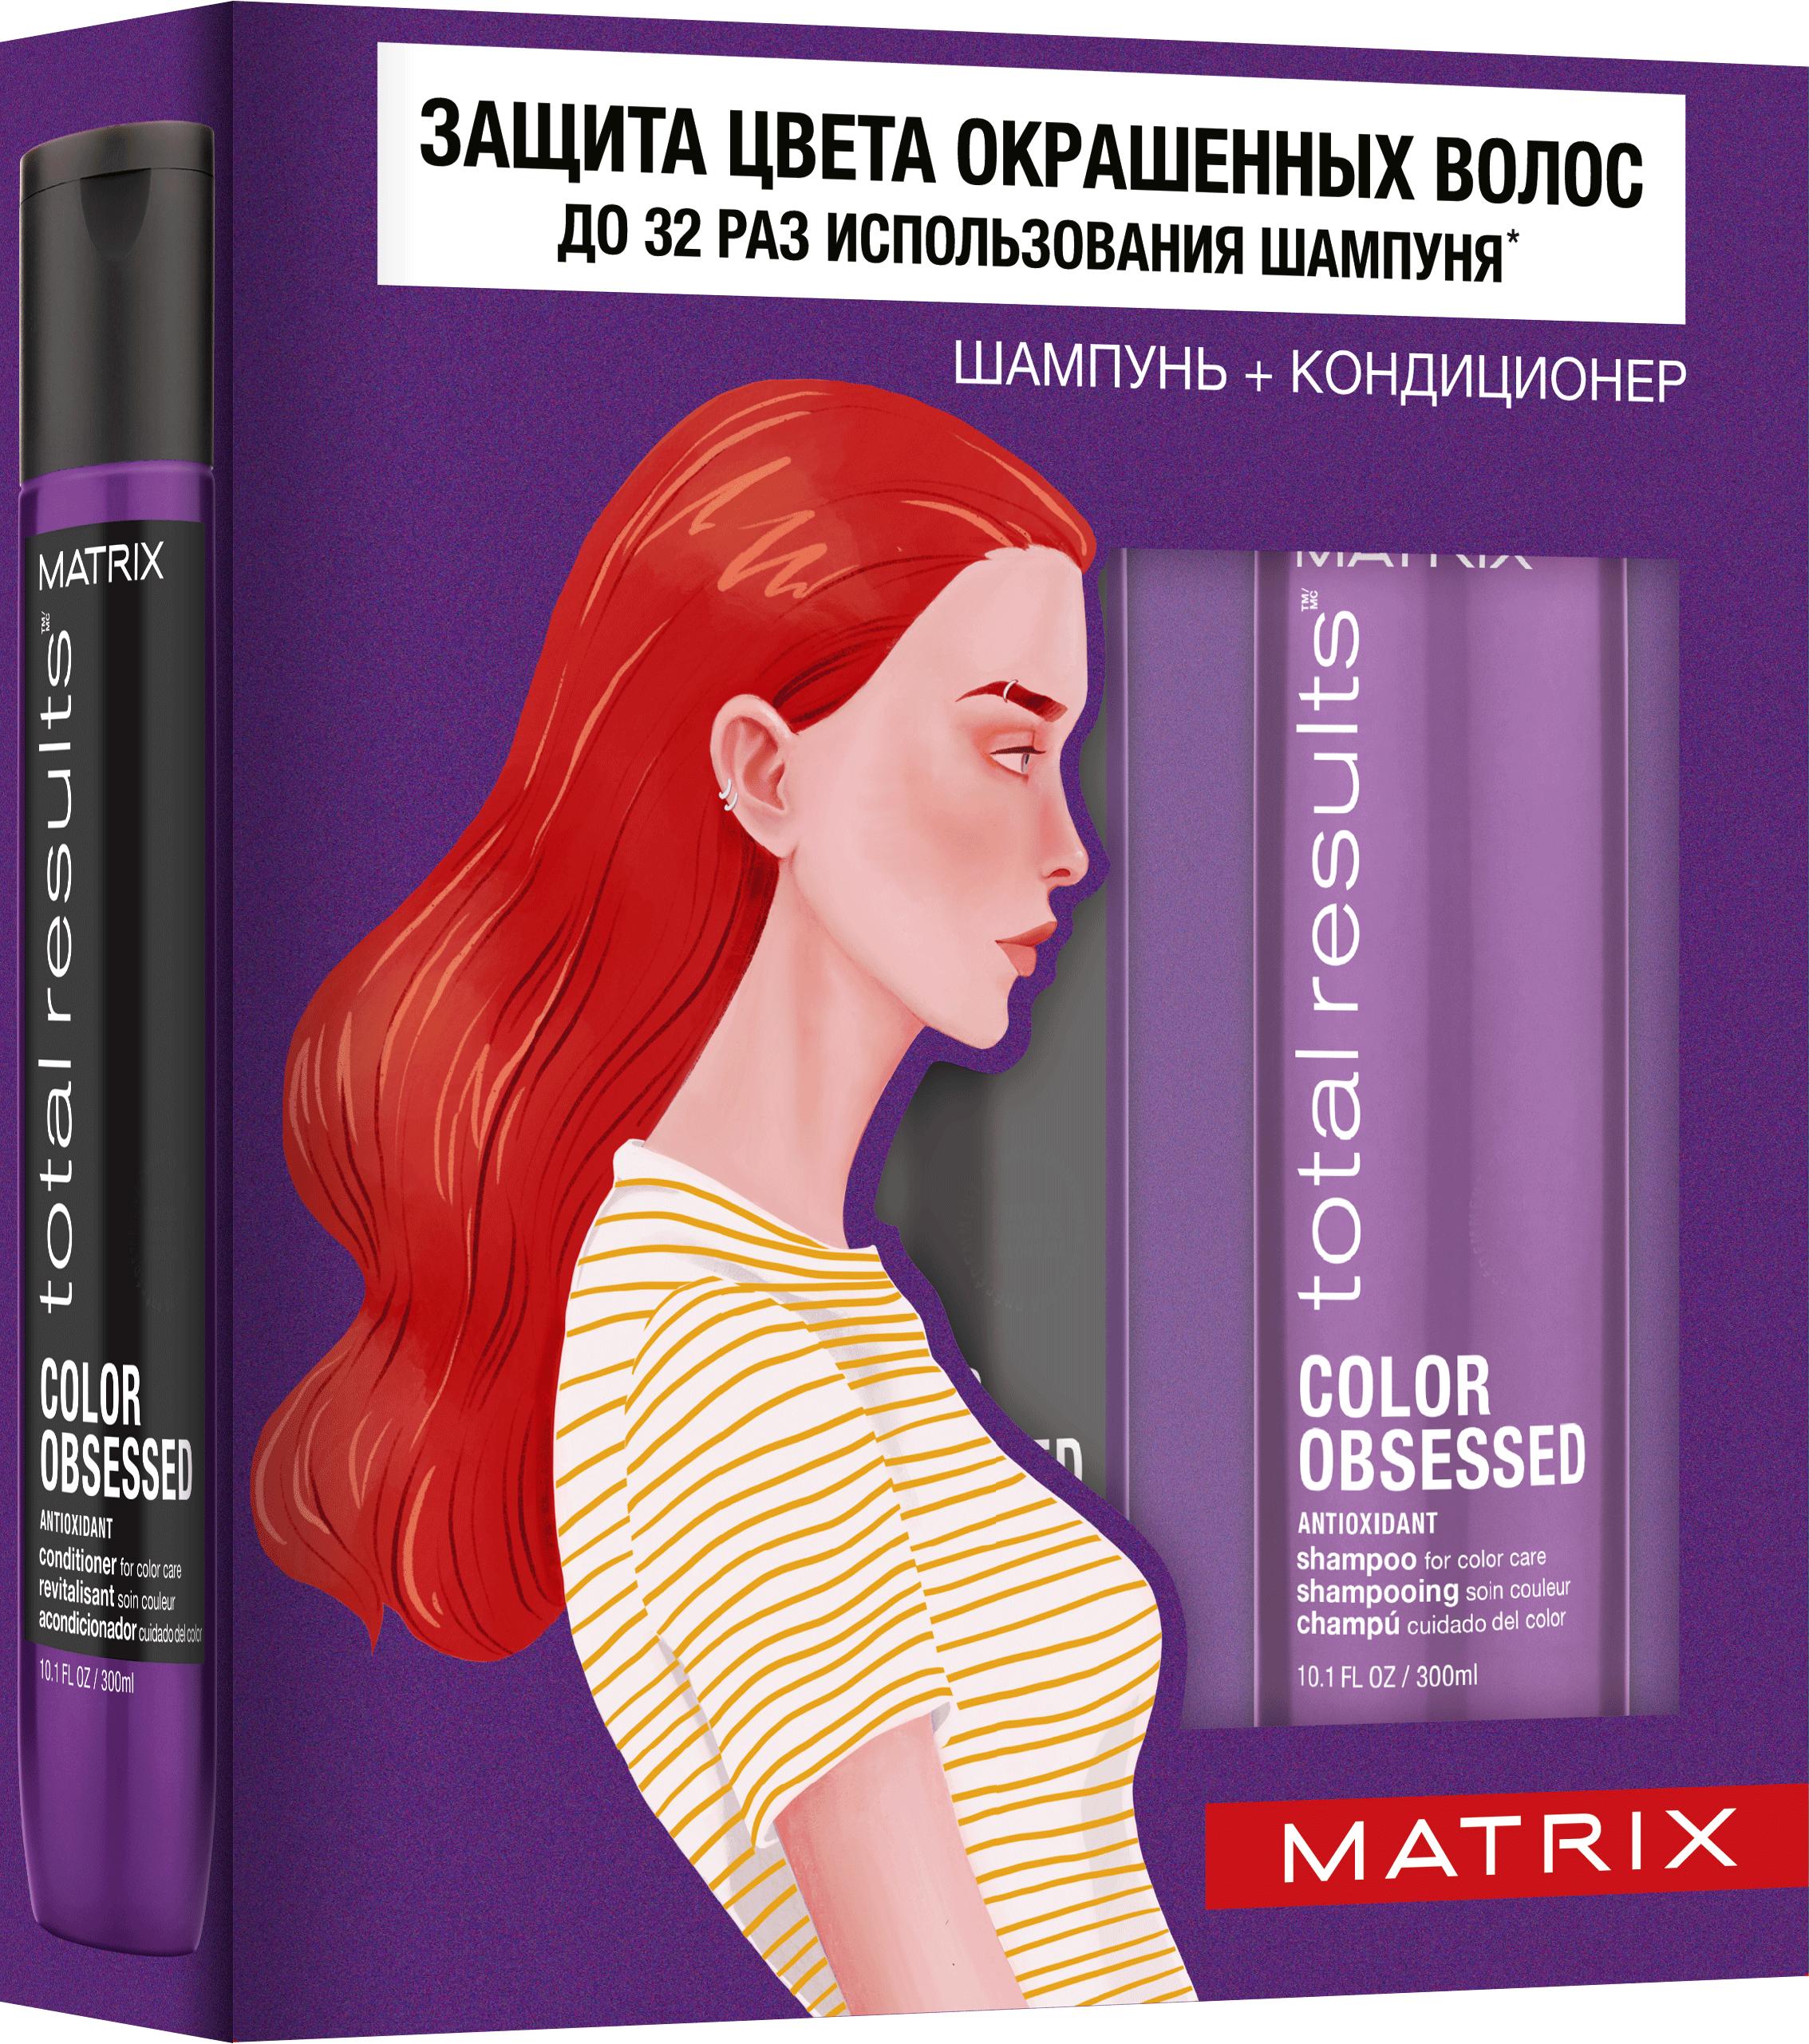 Купить MATRIX Набор для сохранения цвета окрашенных волос Защита цвета (шампунь 300 мл, кондиционер 300 мл) МХ ТР Колор Обсэссд